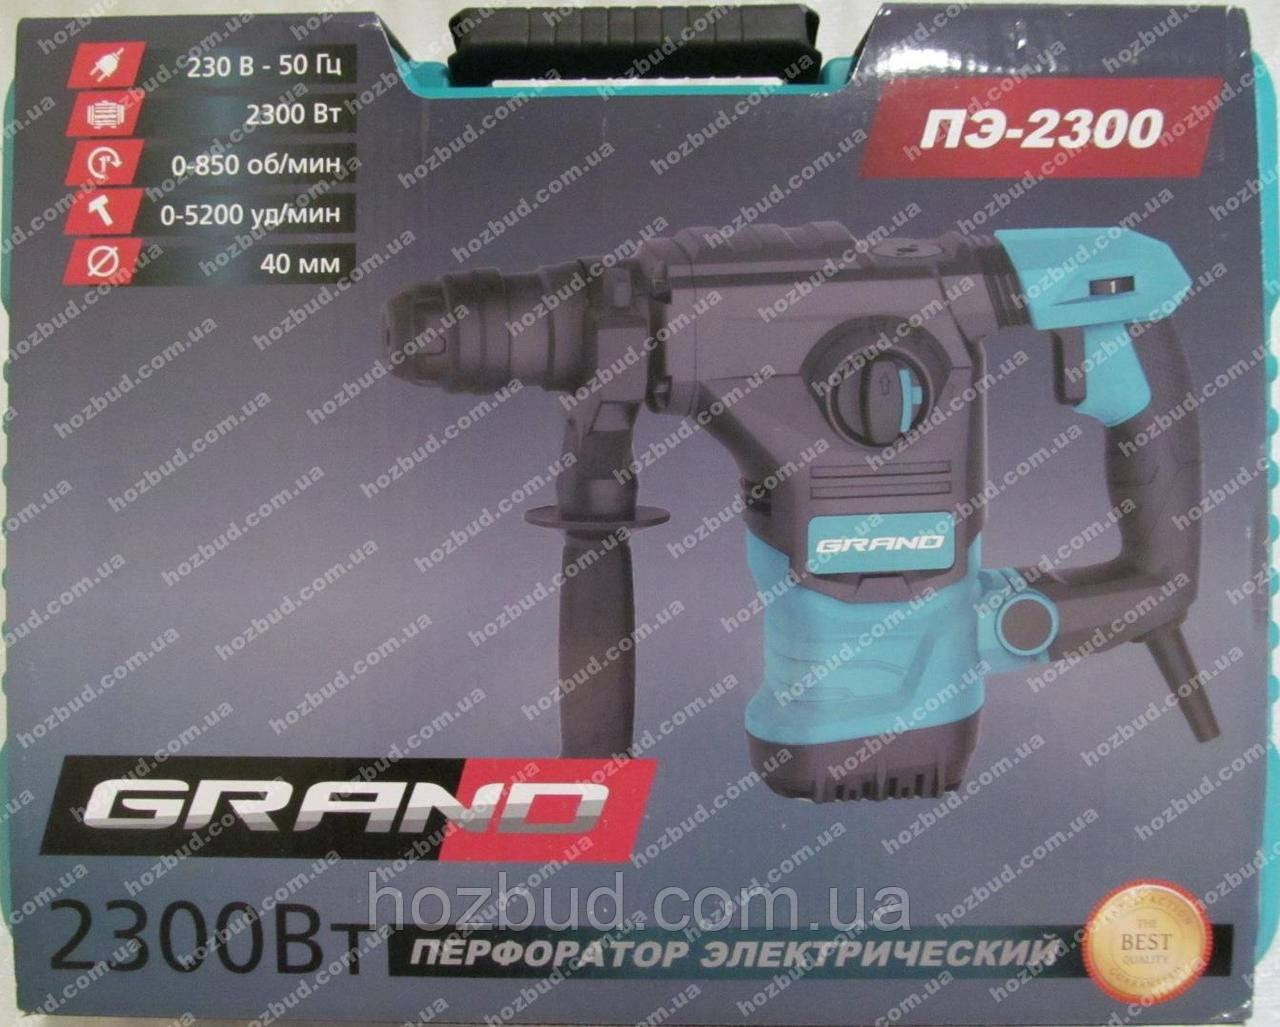 Перфоратор Grand ПЭ-2300